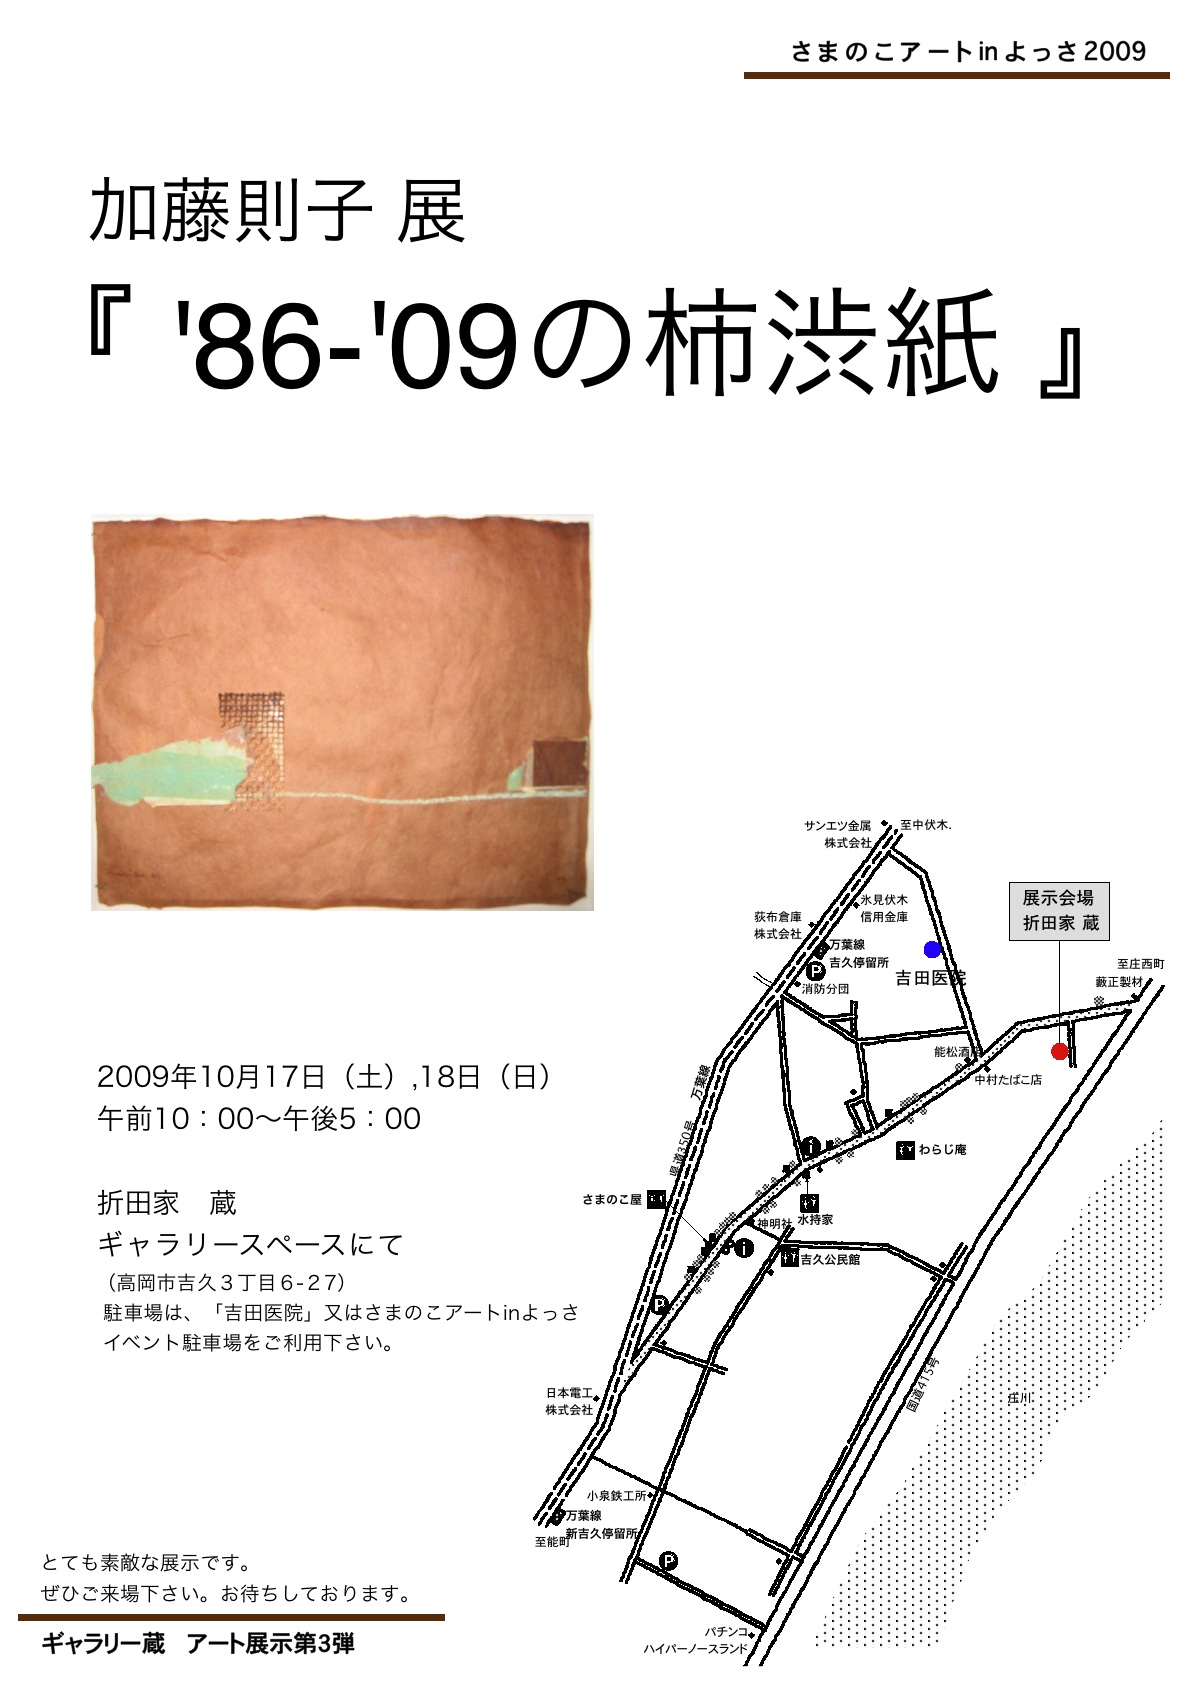 加藤則子展『\'86-\'09の柿渋紙』_e0030180_18121729.jpg